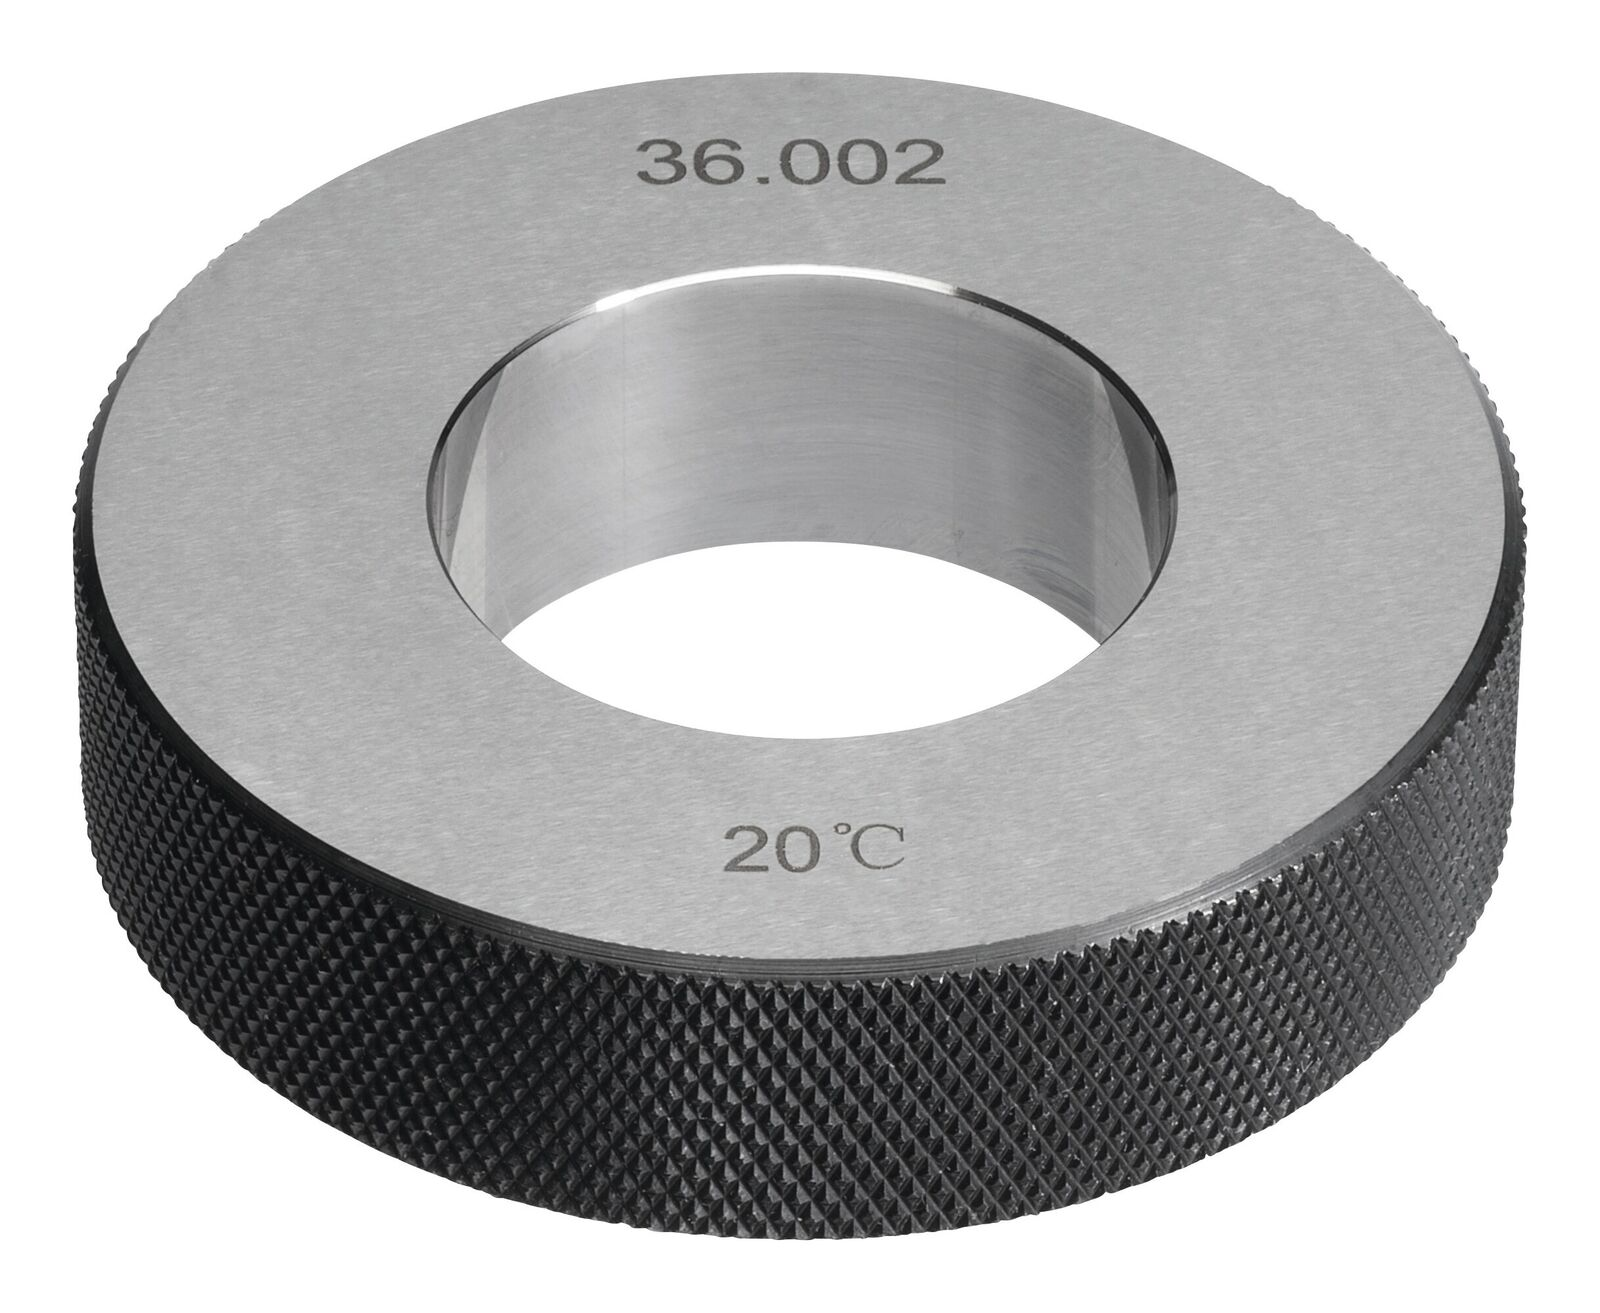 Fortis Einstellring DIN2250C DIN2250C DIN2250C 50mm | Elegant und feierlich  | Discount  | Helle Farben  17cb0f